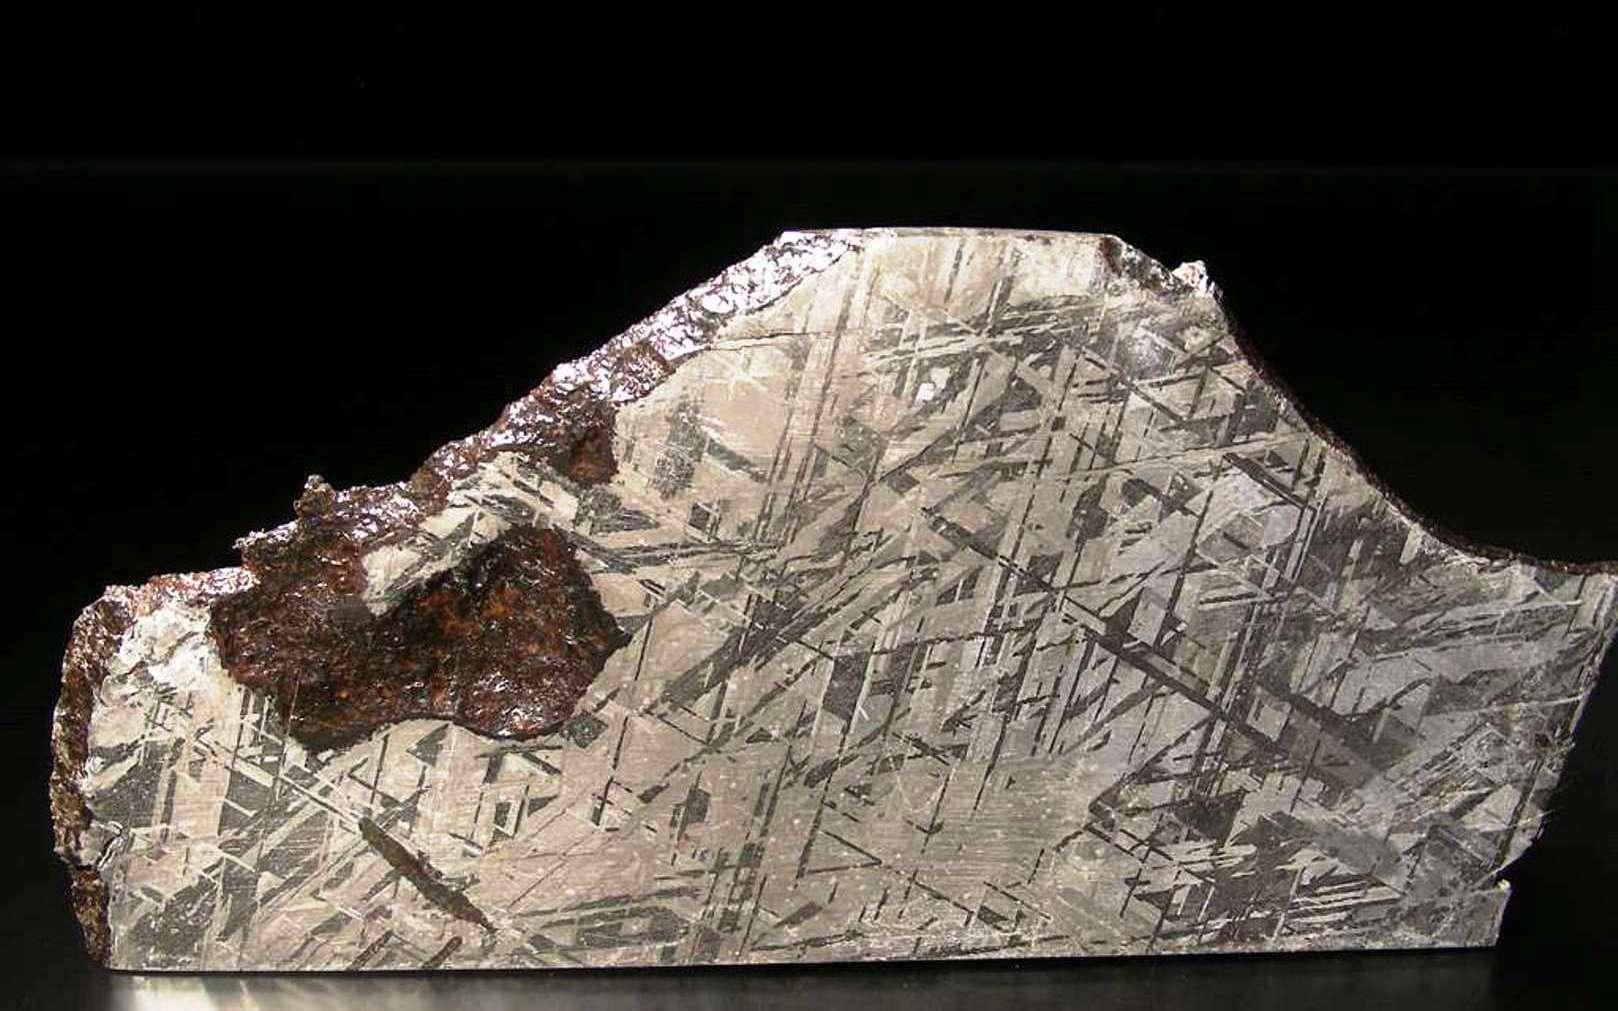 On voit sur cette image une coupe de la météorite Gibeon, une sidérite octaédrite classée IV A, trouvée en Namibie en 1836. La belle structure de ses figures de Widmanstätten et son excellent état de conservation en font la météorite la plus utilisée en bijouterie mais, pour les géologues, elle donne des indices sur l'aspect du noyau en fer et en nickel de la Terre. © L. Carion, carionmineraux.com